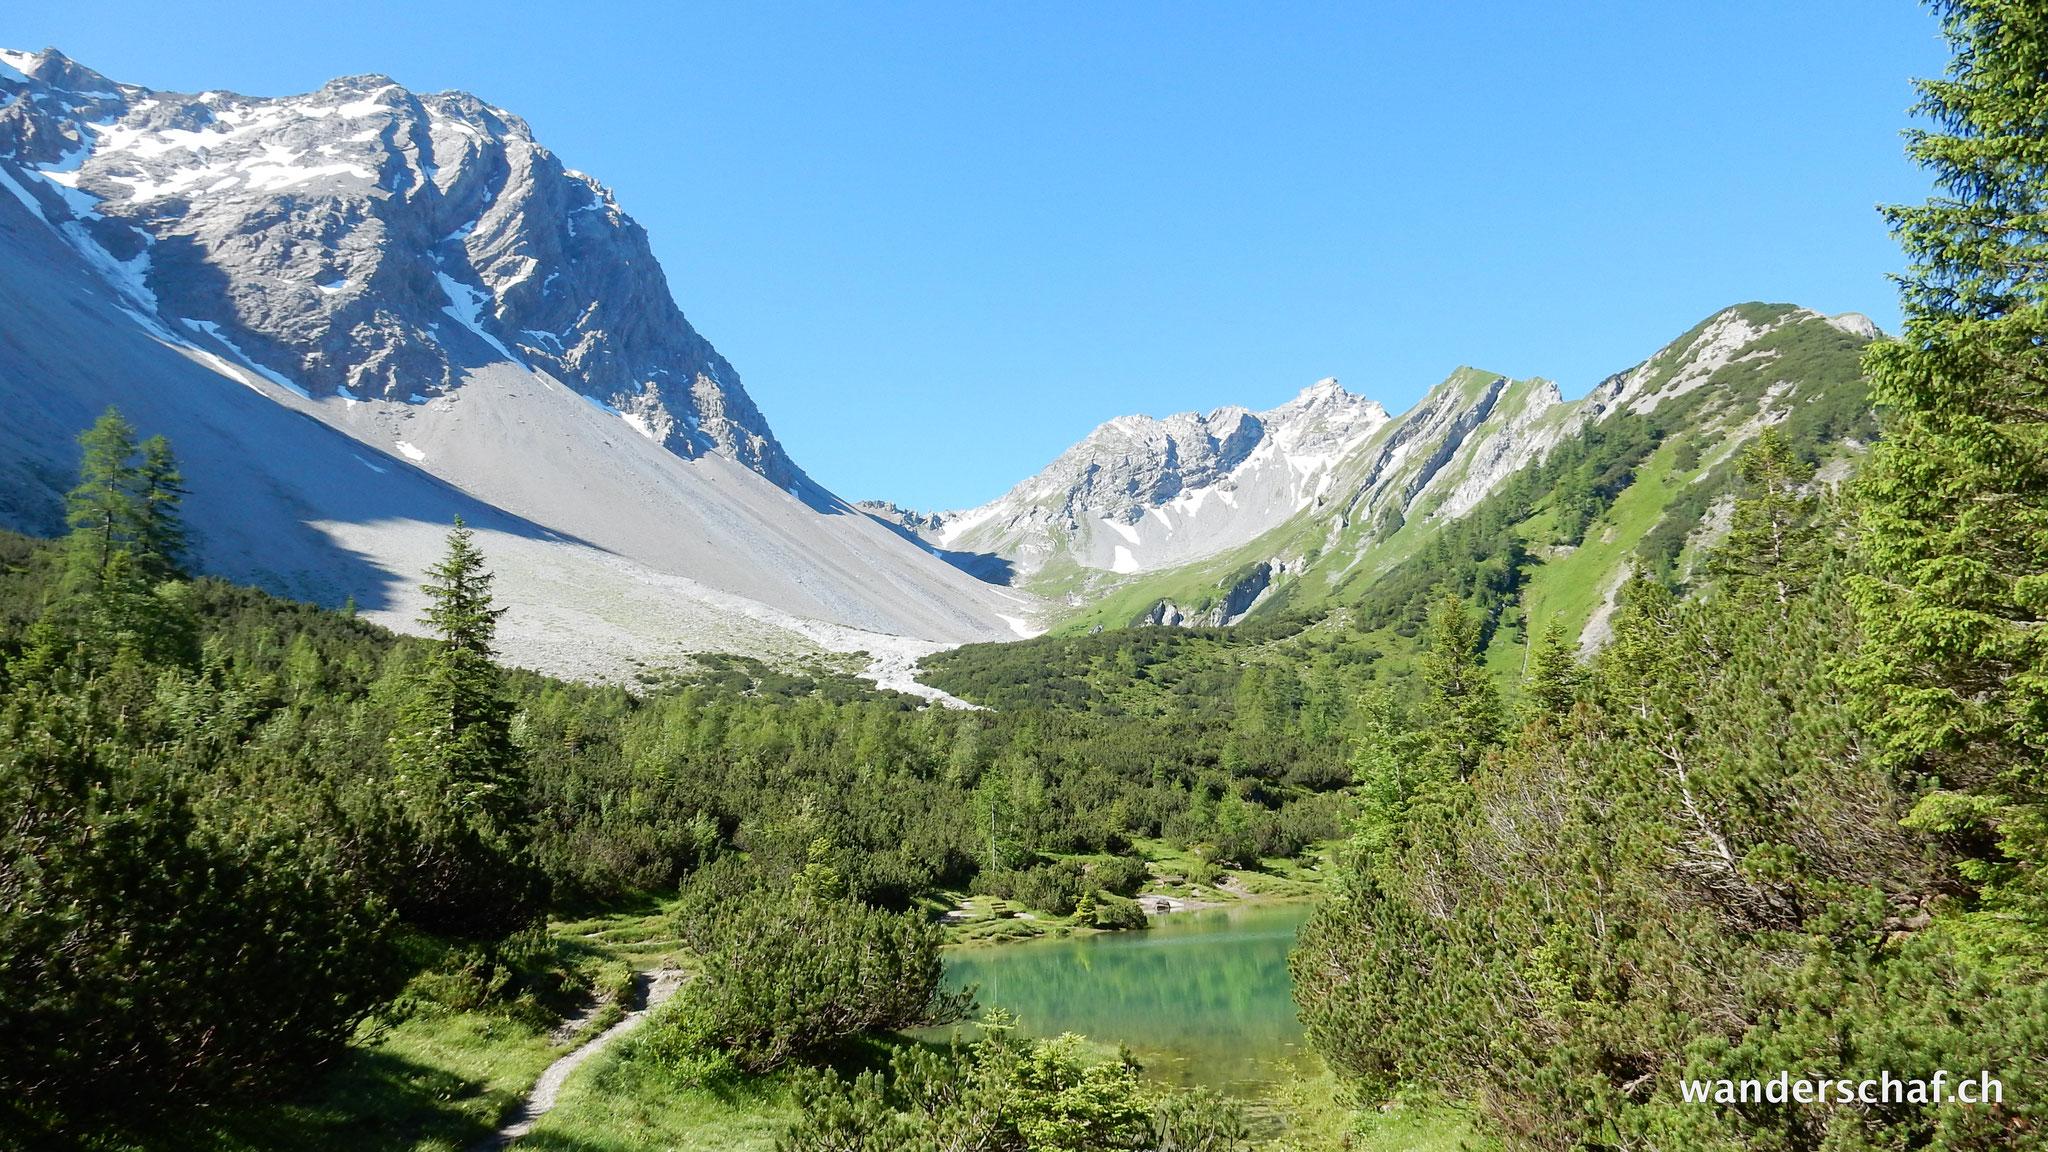 am idyllischen Hirschsee oberhalb vom Nenzinger Himmel